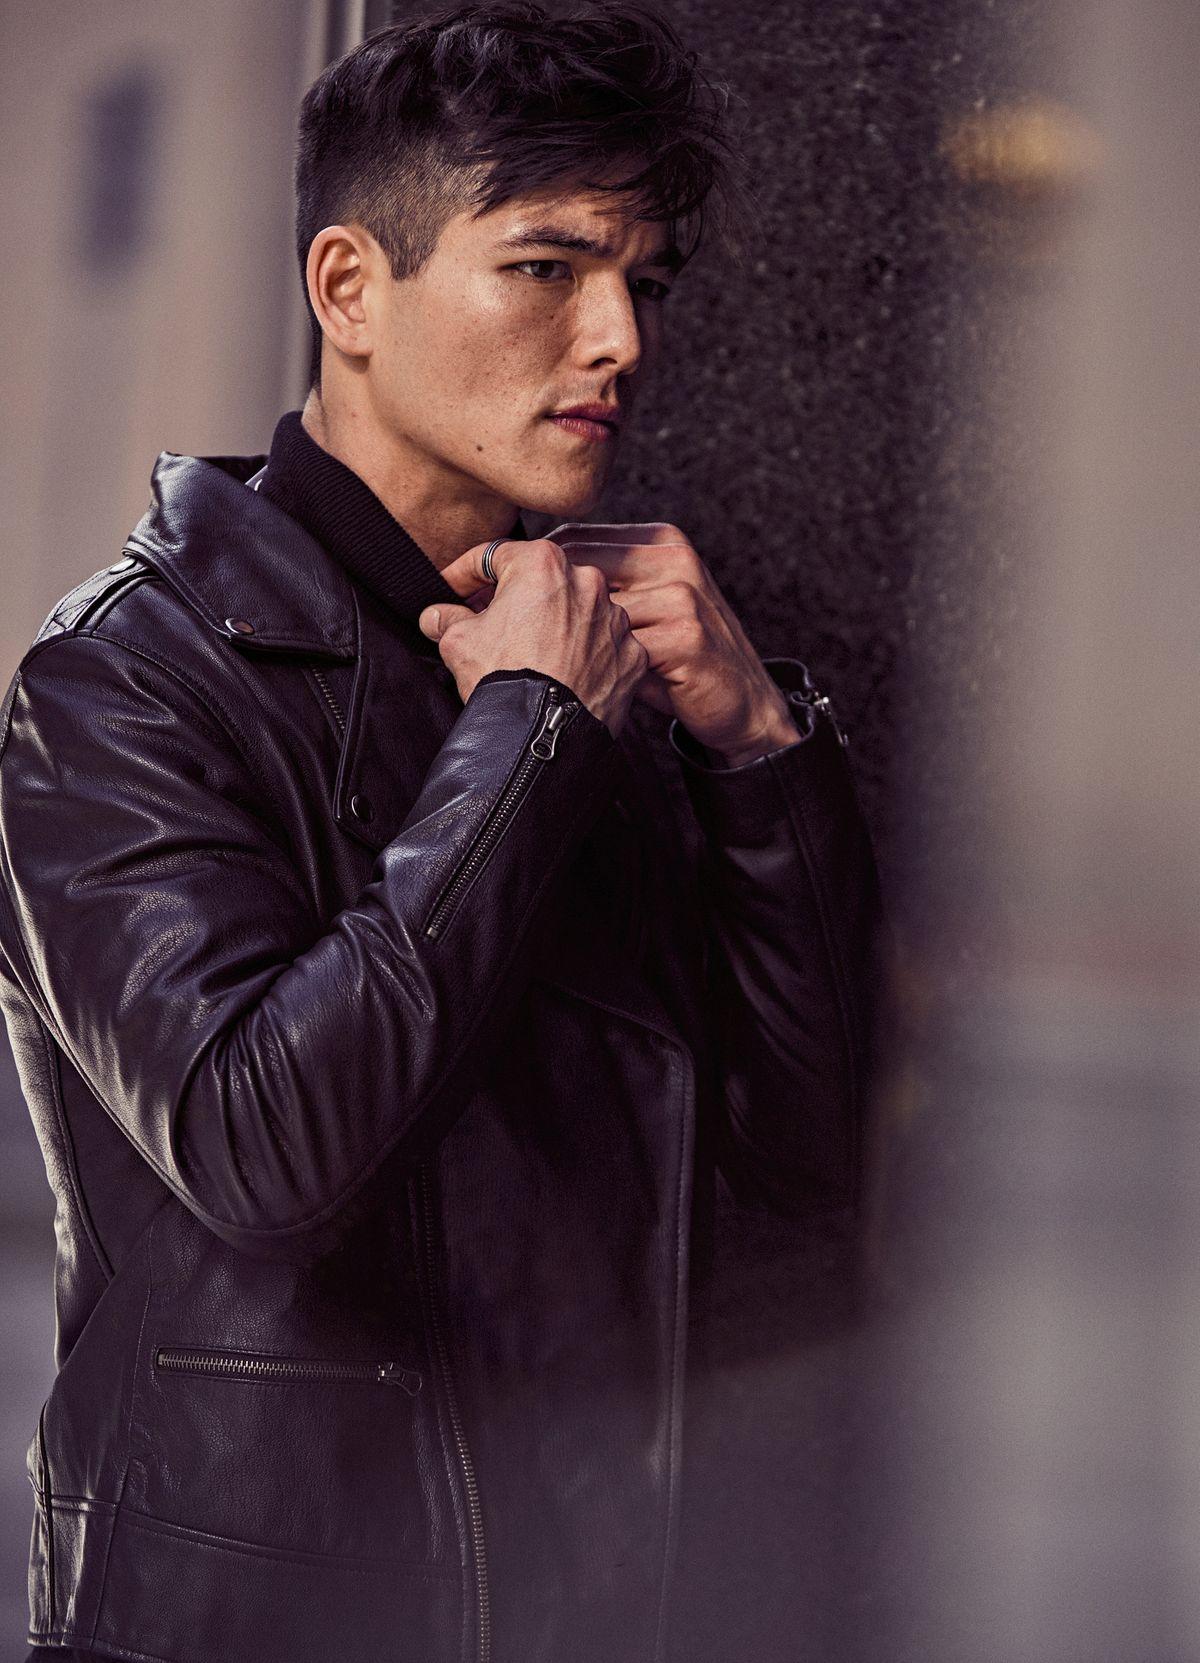 Model Jesse Conrad